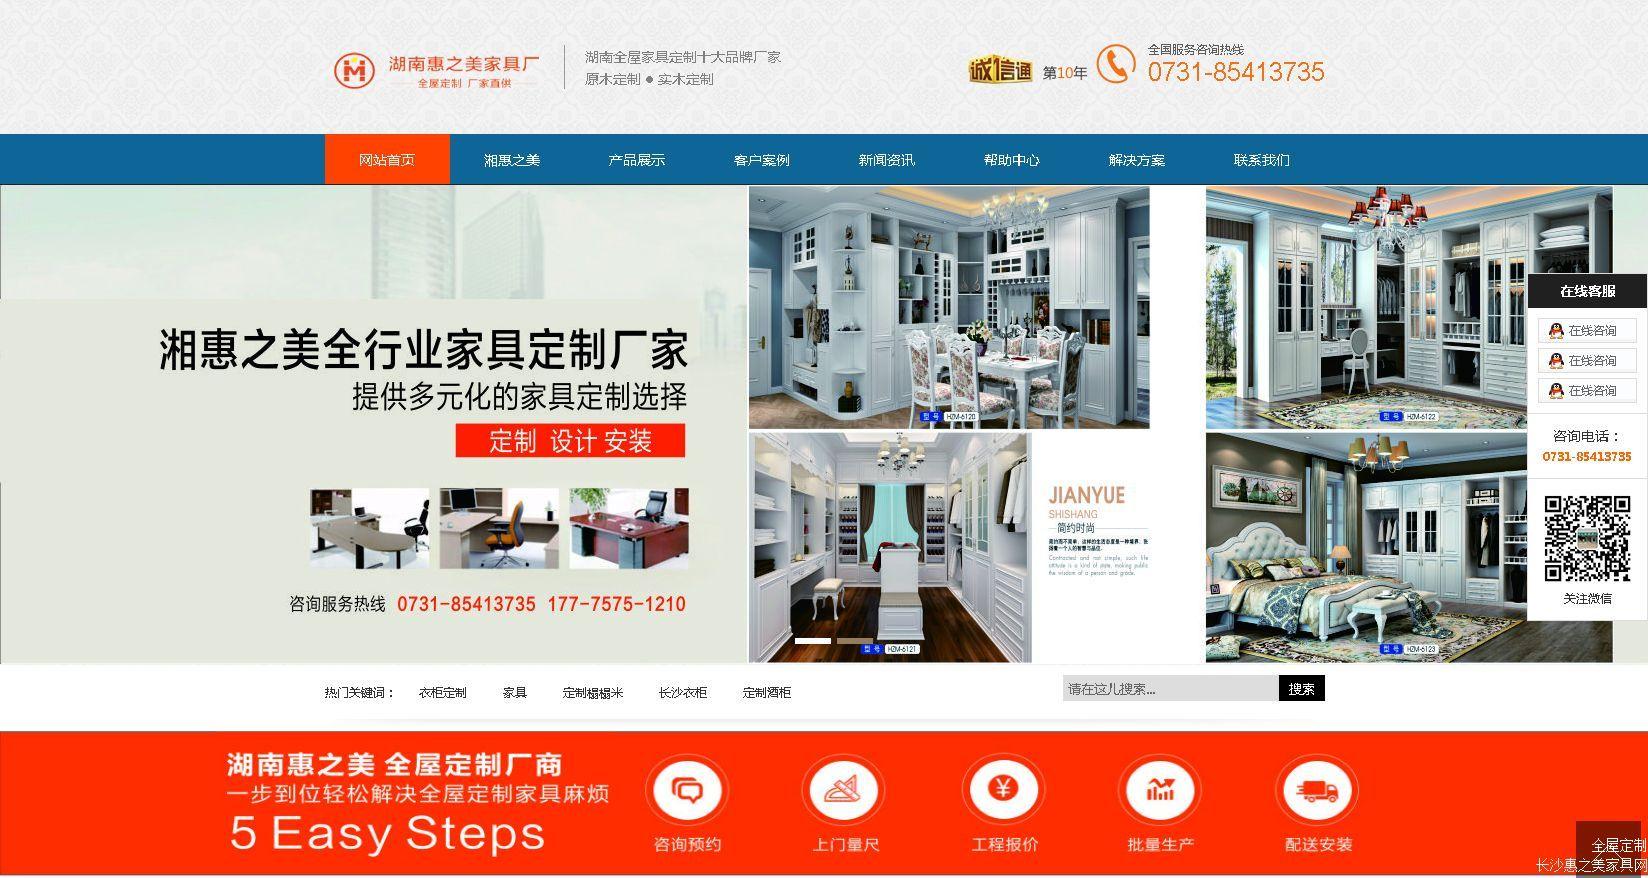 湖南惠之美家具厂公司网站www.hzmjj.com上线运营!